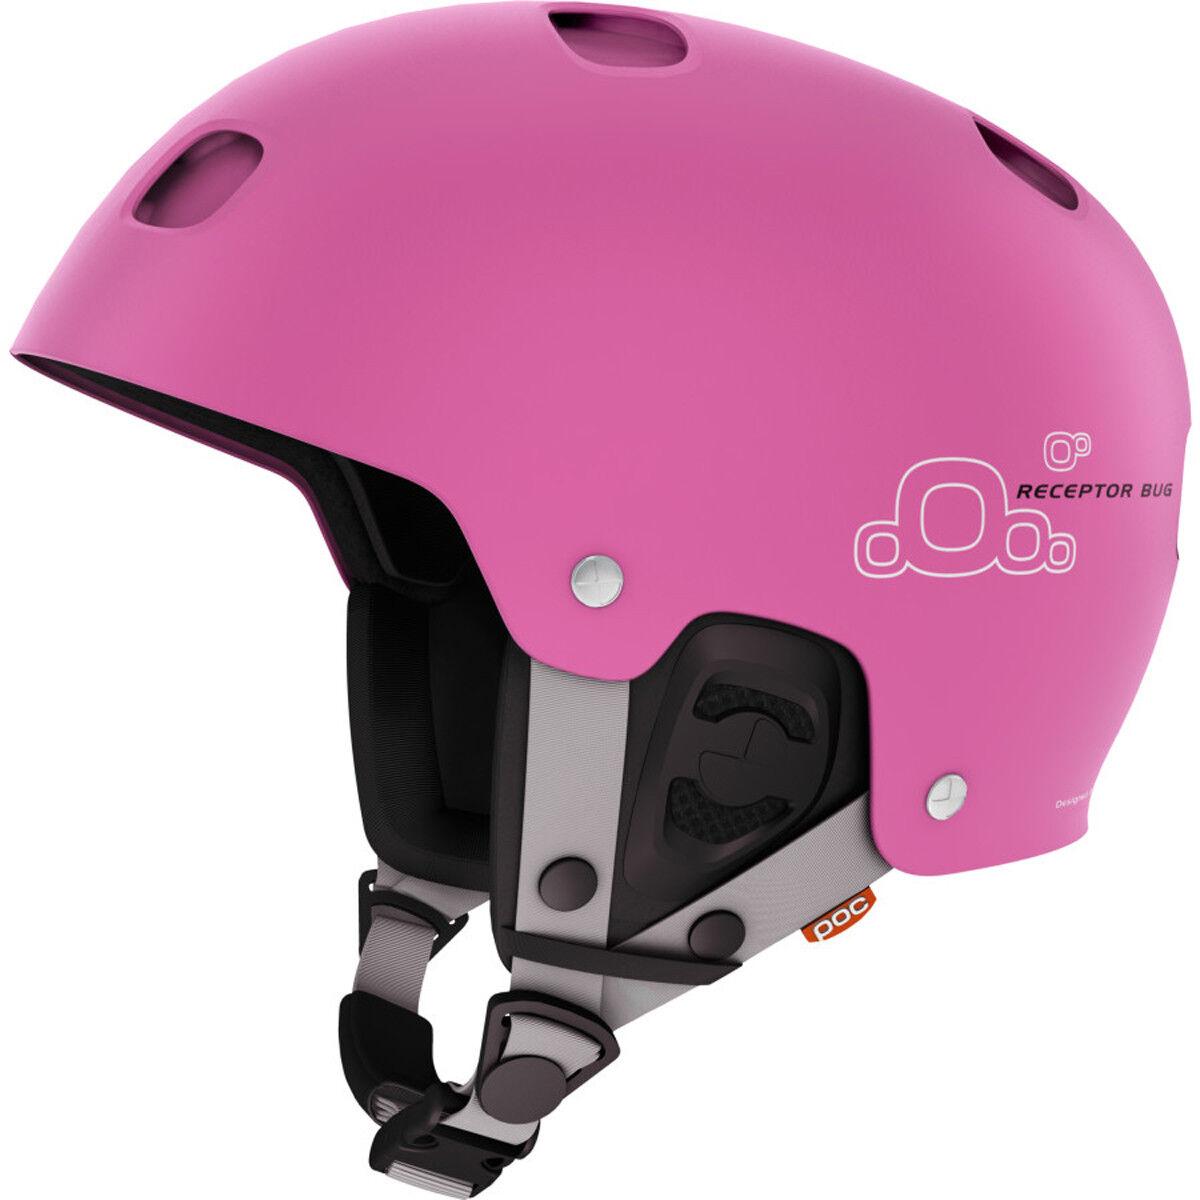 Poc Adult Receptor Bug Ski Skiing Snow Helmet Actinium cm rosa Medium M 55 56 cm Actinium 12d9fb